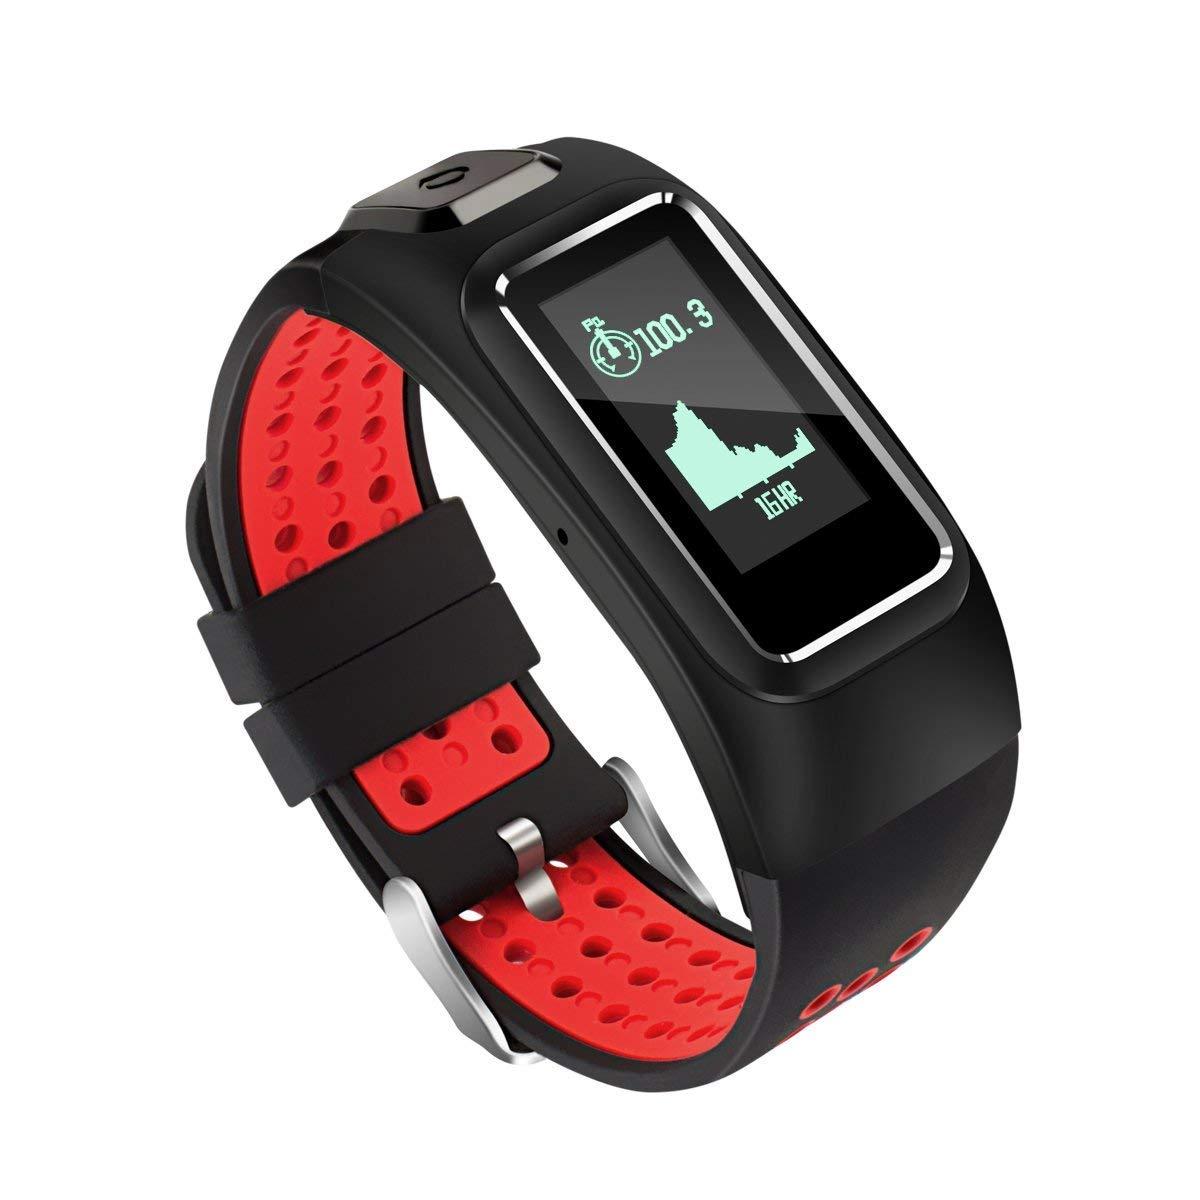 C-Xka Pulsera inteligente con posicionamiento de la frecuencia cardíaca por GPS Monitor de frecuencia cardíaca. Contador de pasos impermeable. Recordatorio del teléfono para caminar, correr, ciclismo, XXN